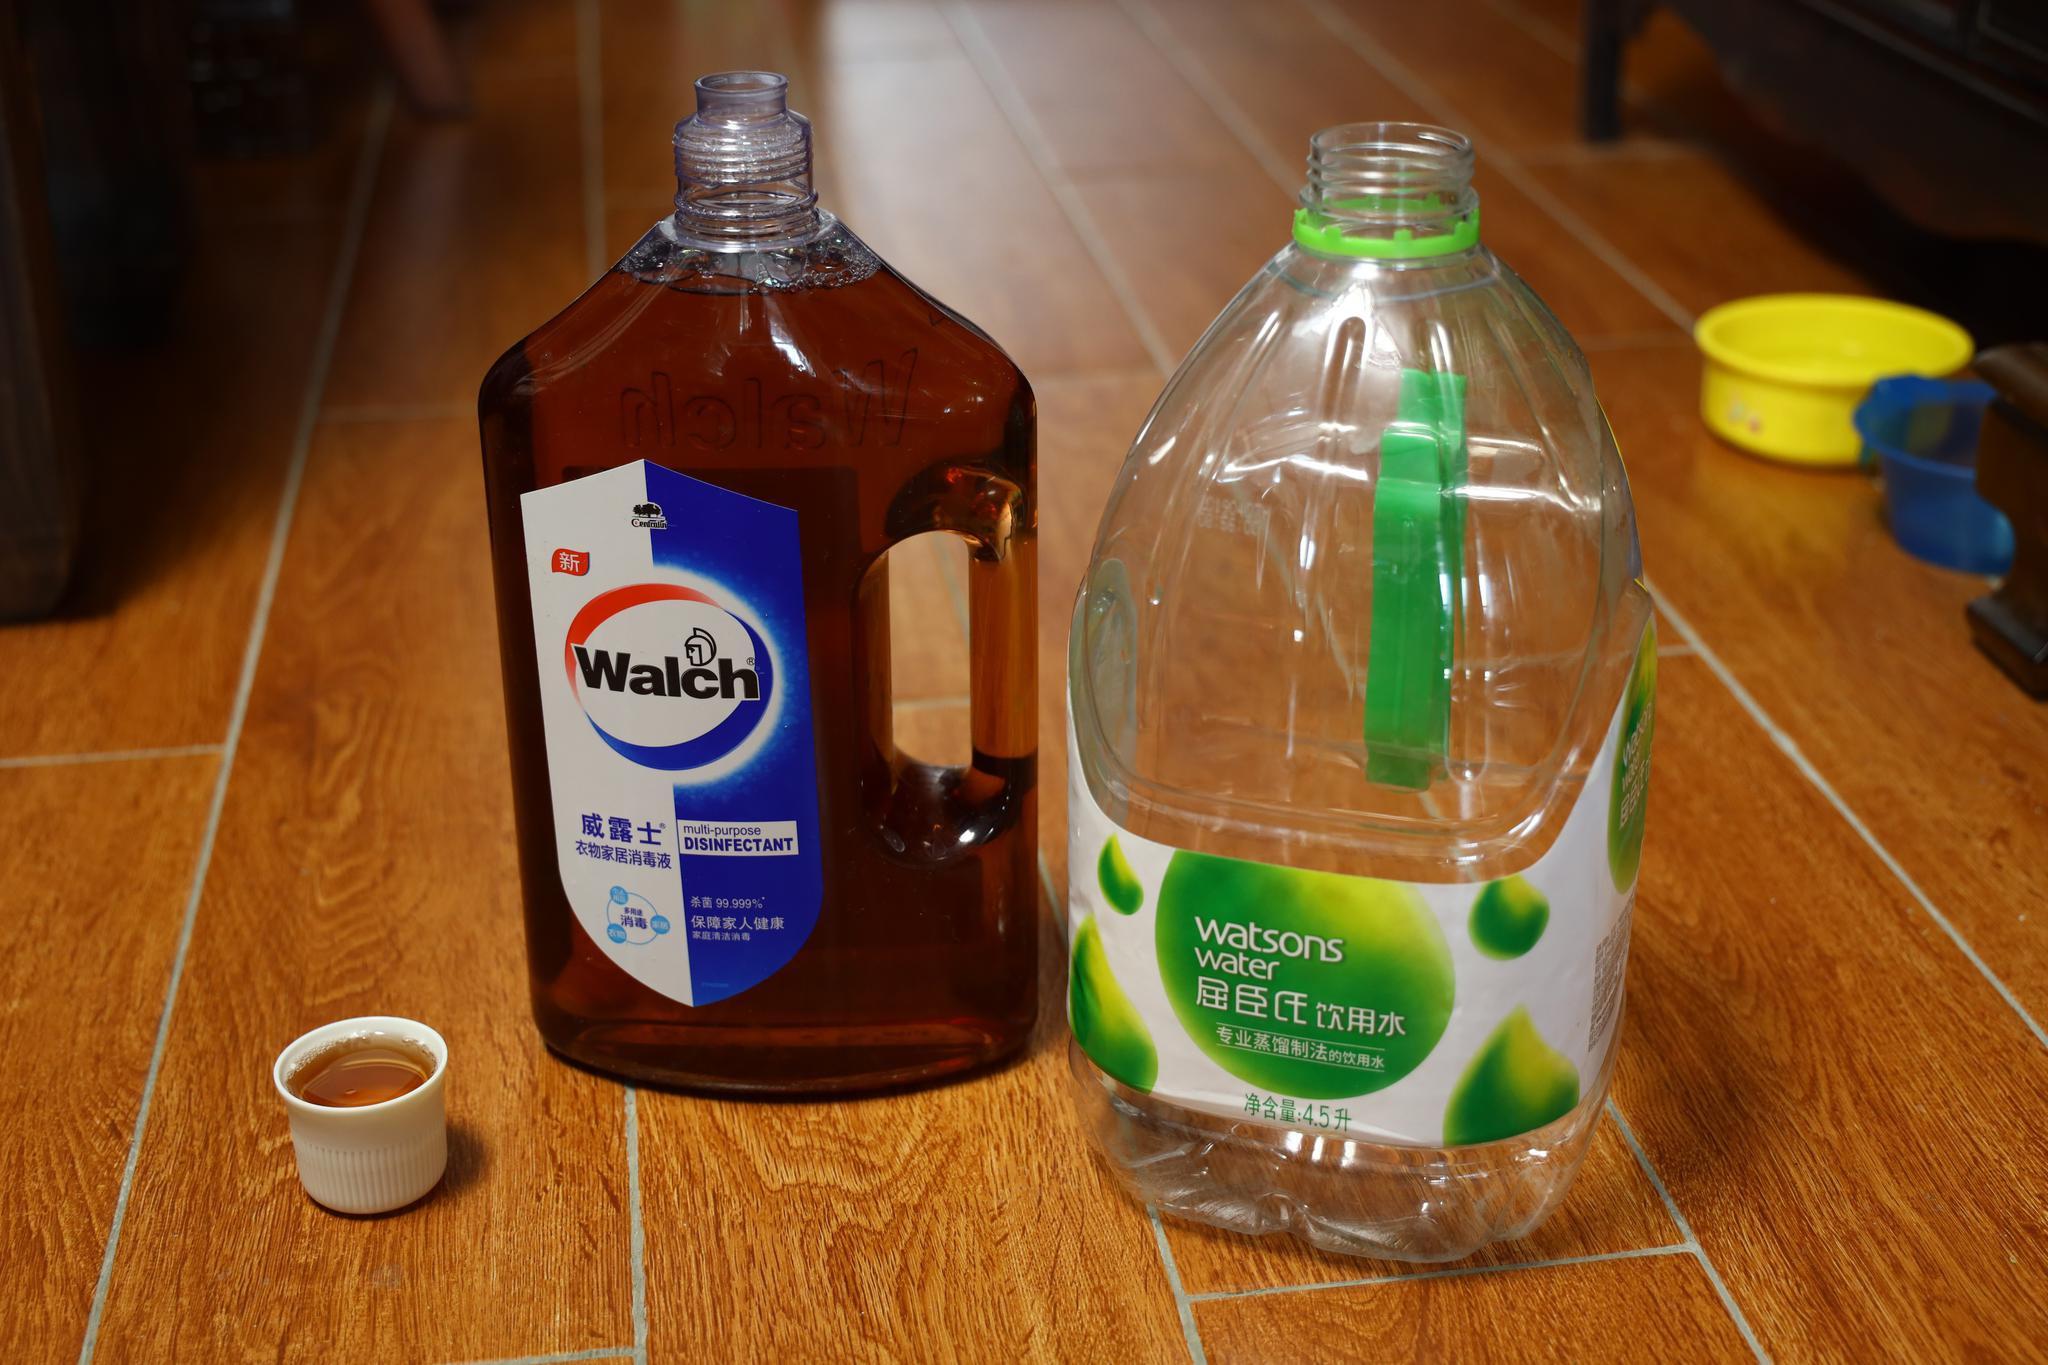 家里没有滴露,用威露士配消毒液。